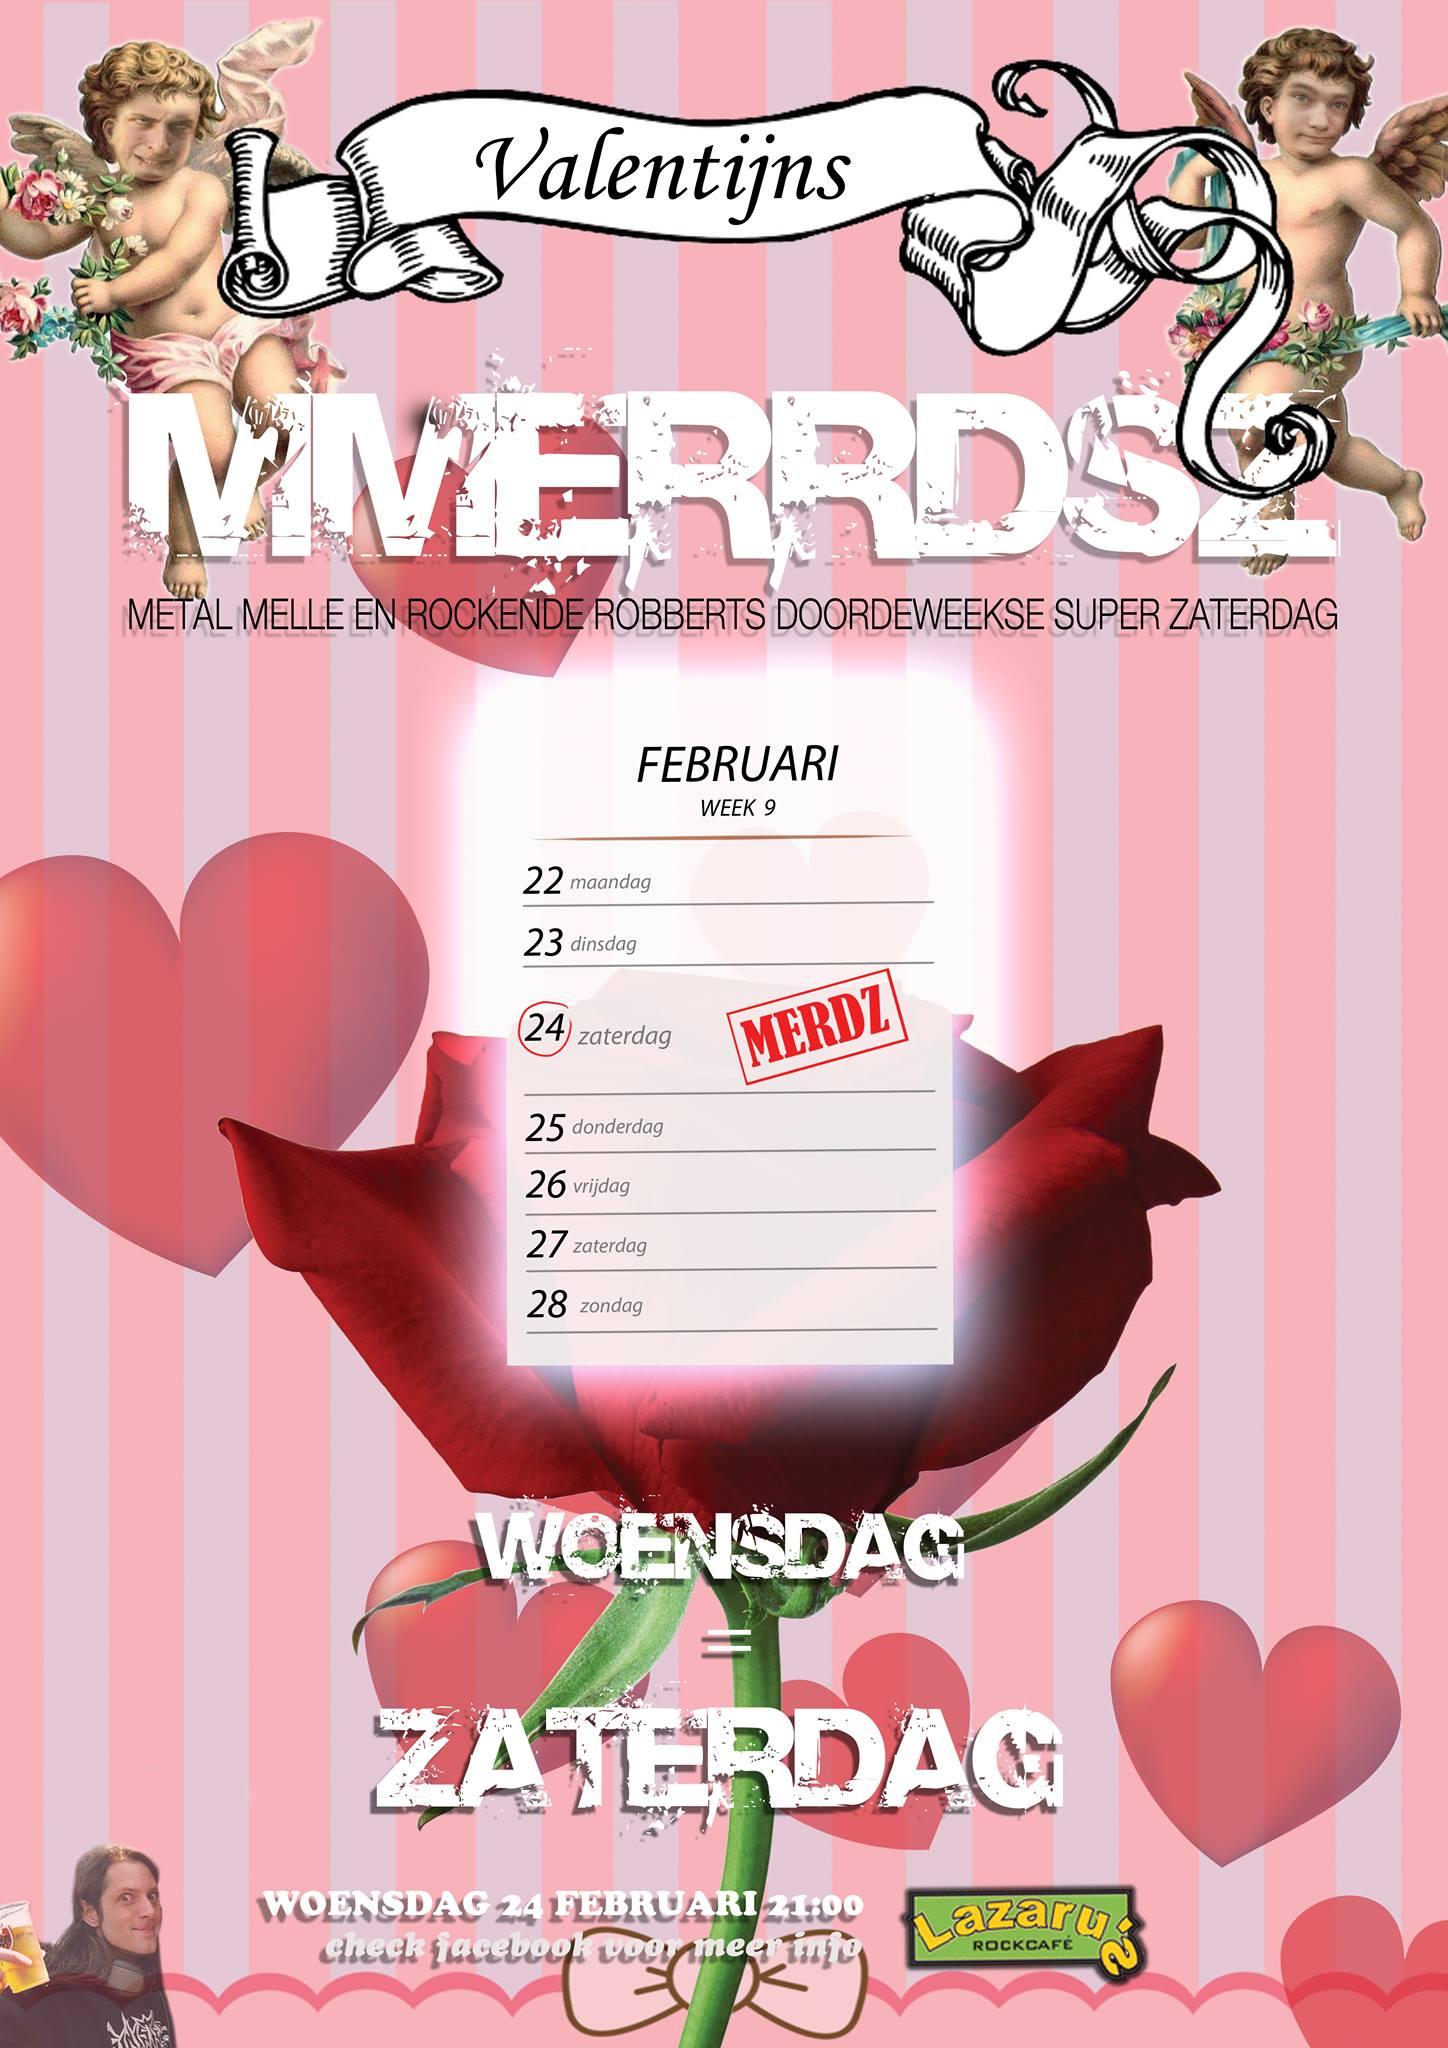 20160224 Valentijnsmerdsz